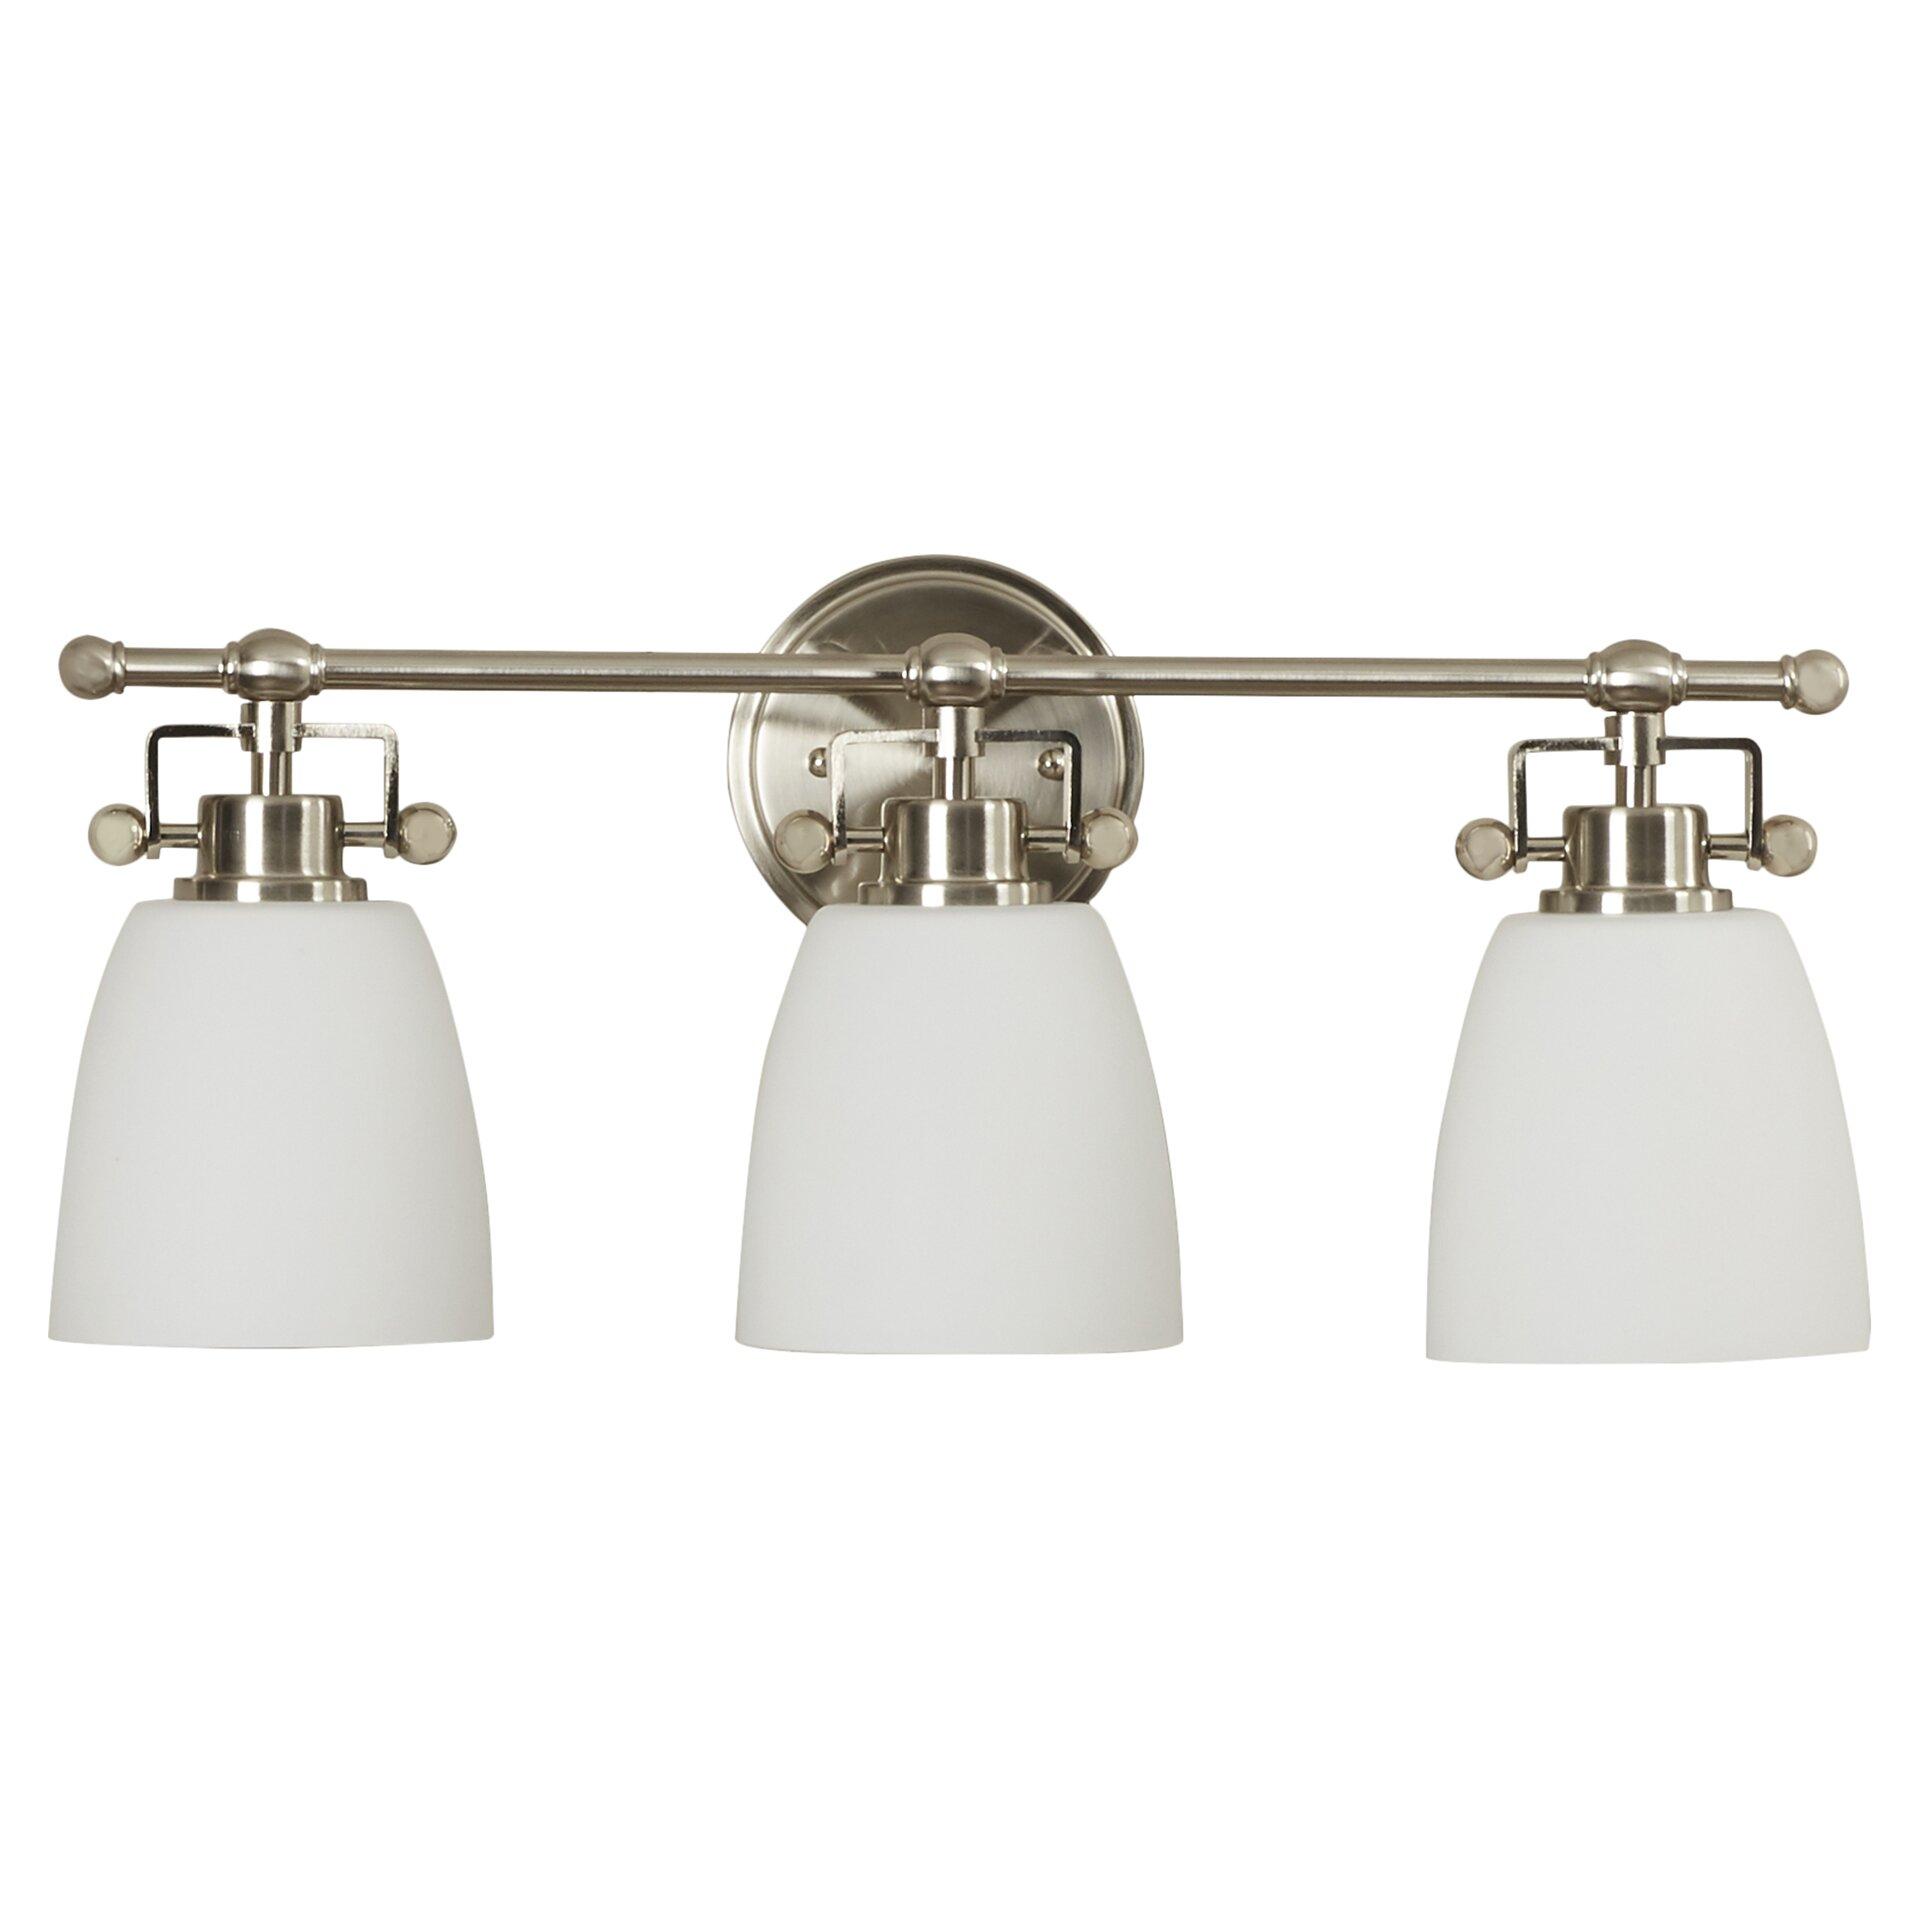 Brayden Studio Meyer 3Light Vanity Light Reviews – 3 Light Bathroom Fixture